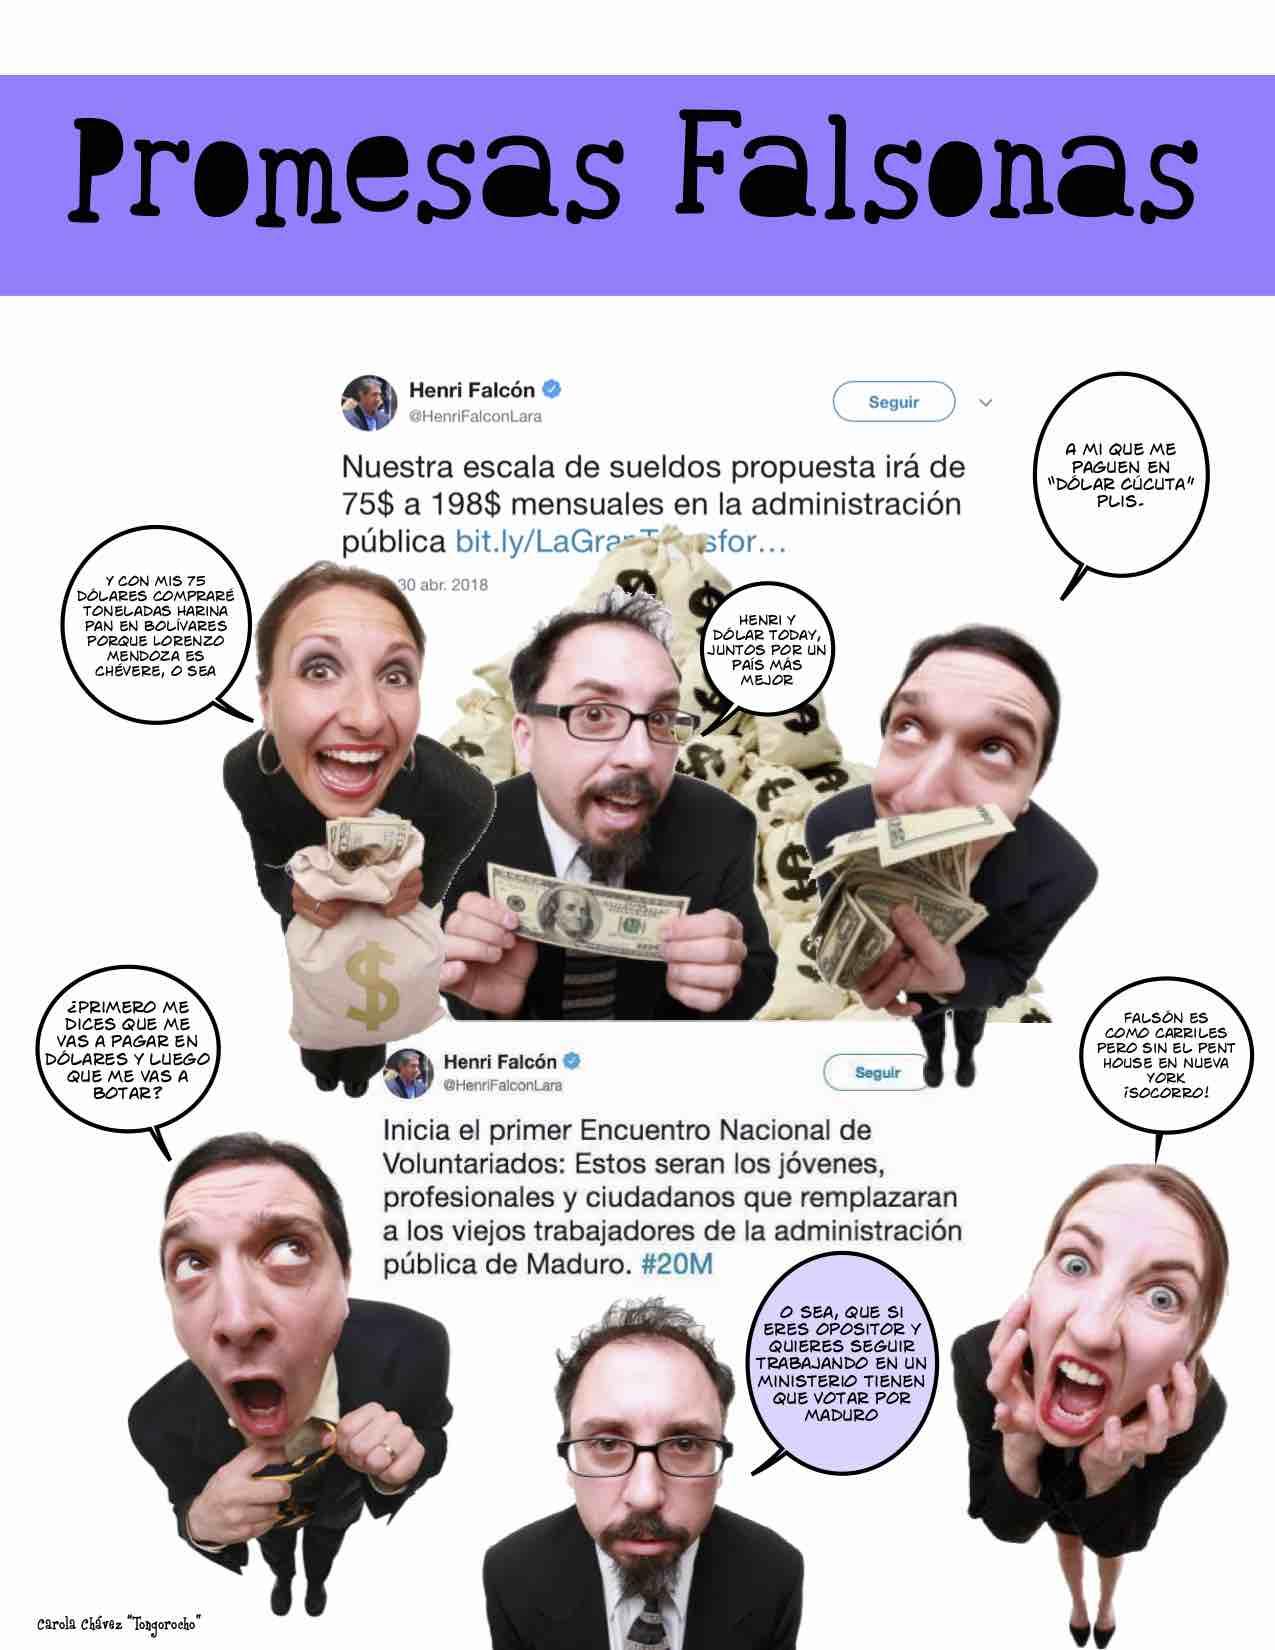 Promesas falsonas